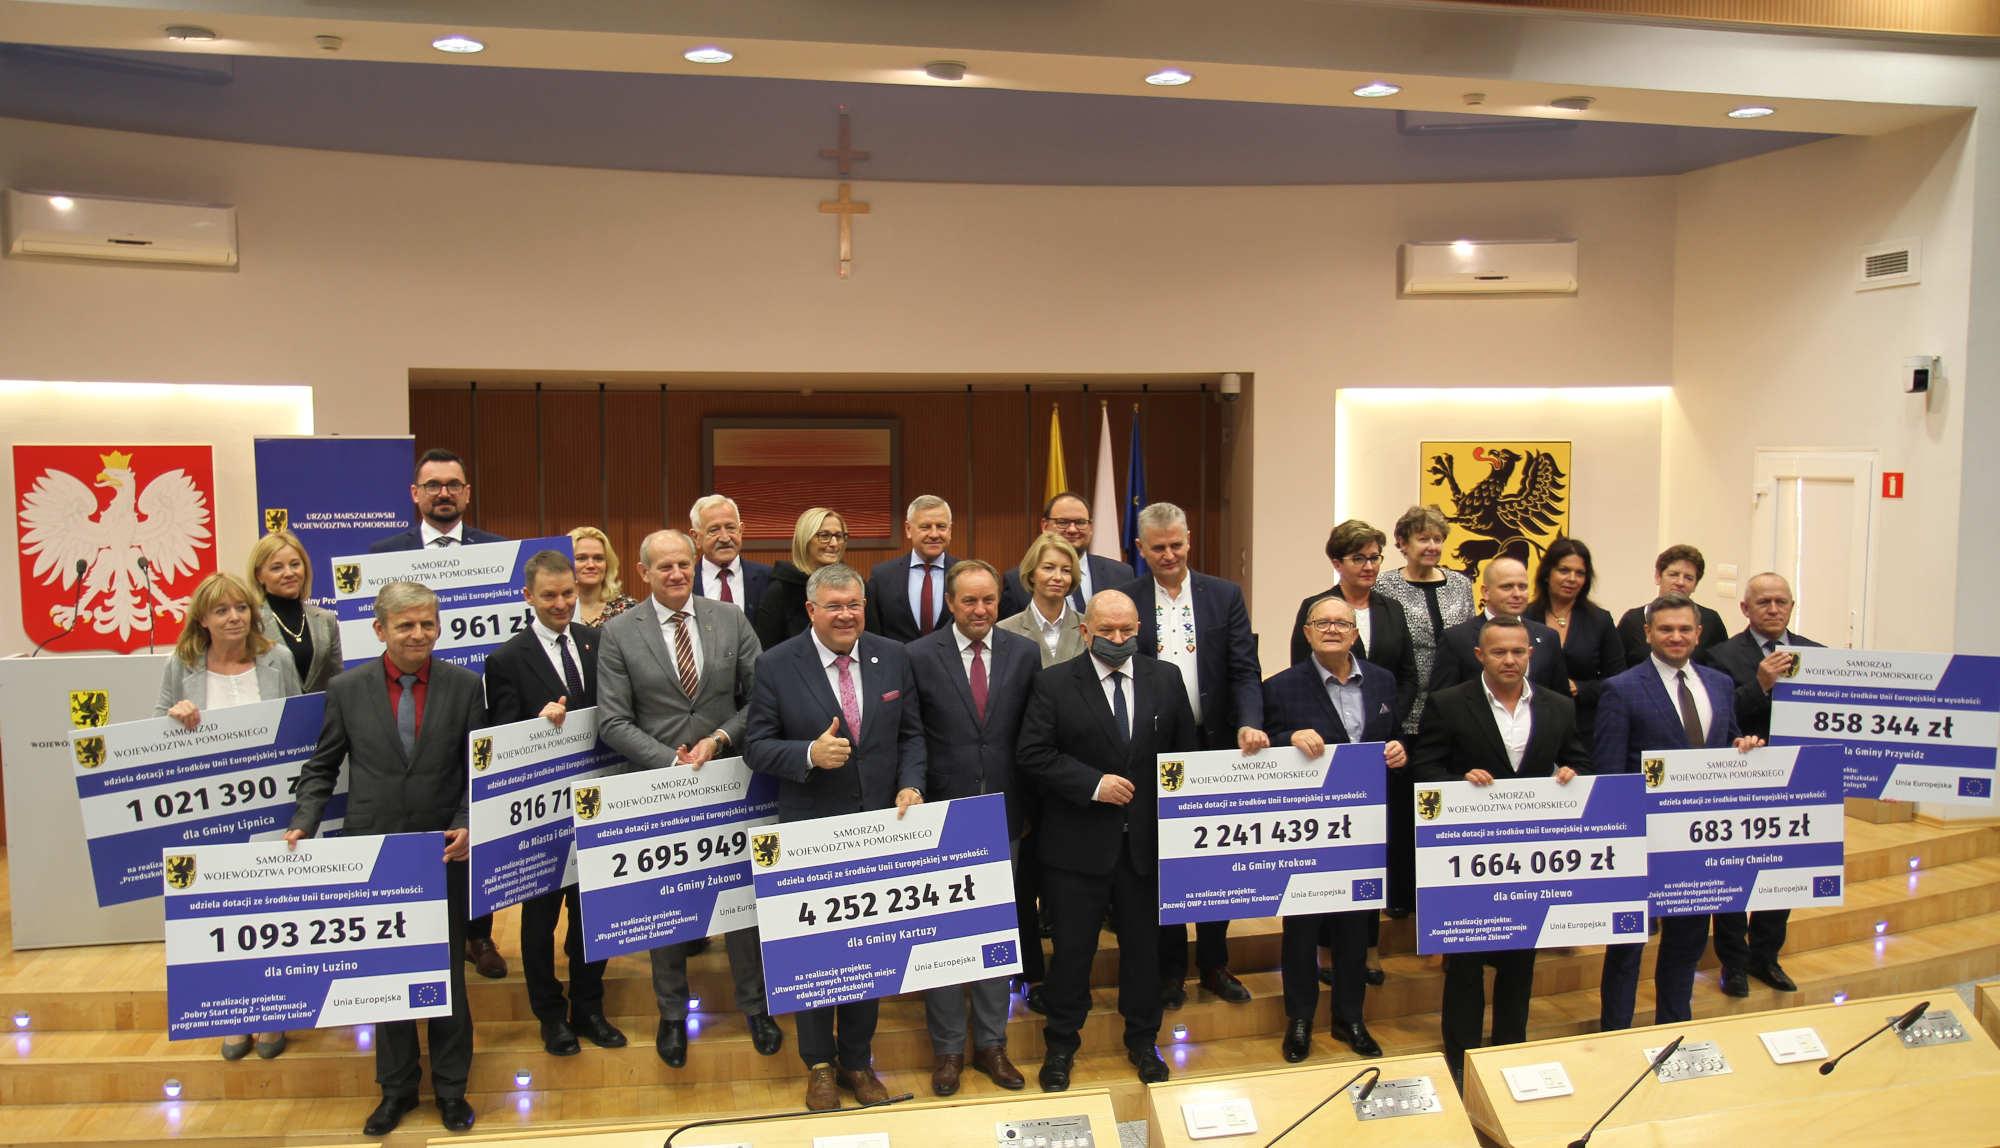 Ponad 18 mln zł unijnego dofinansowania trafi do 12 pomorskich gmin. To wsparcie na edukację przedszkolną